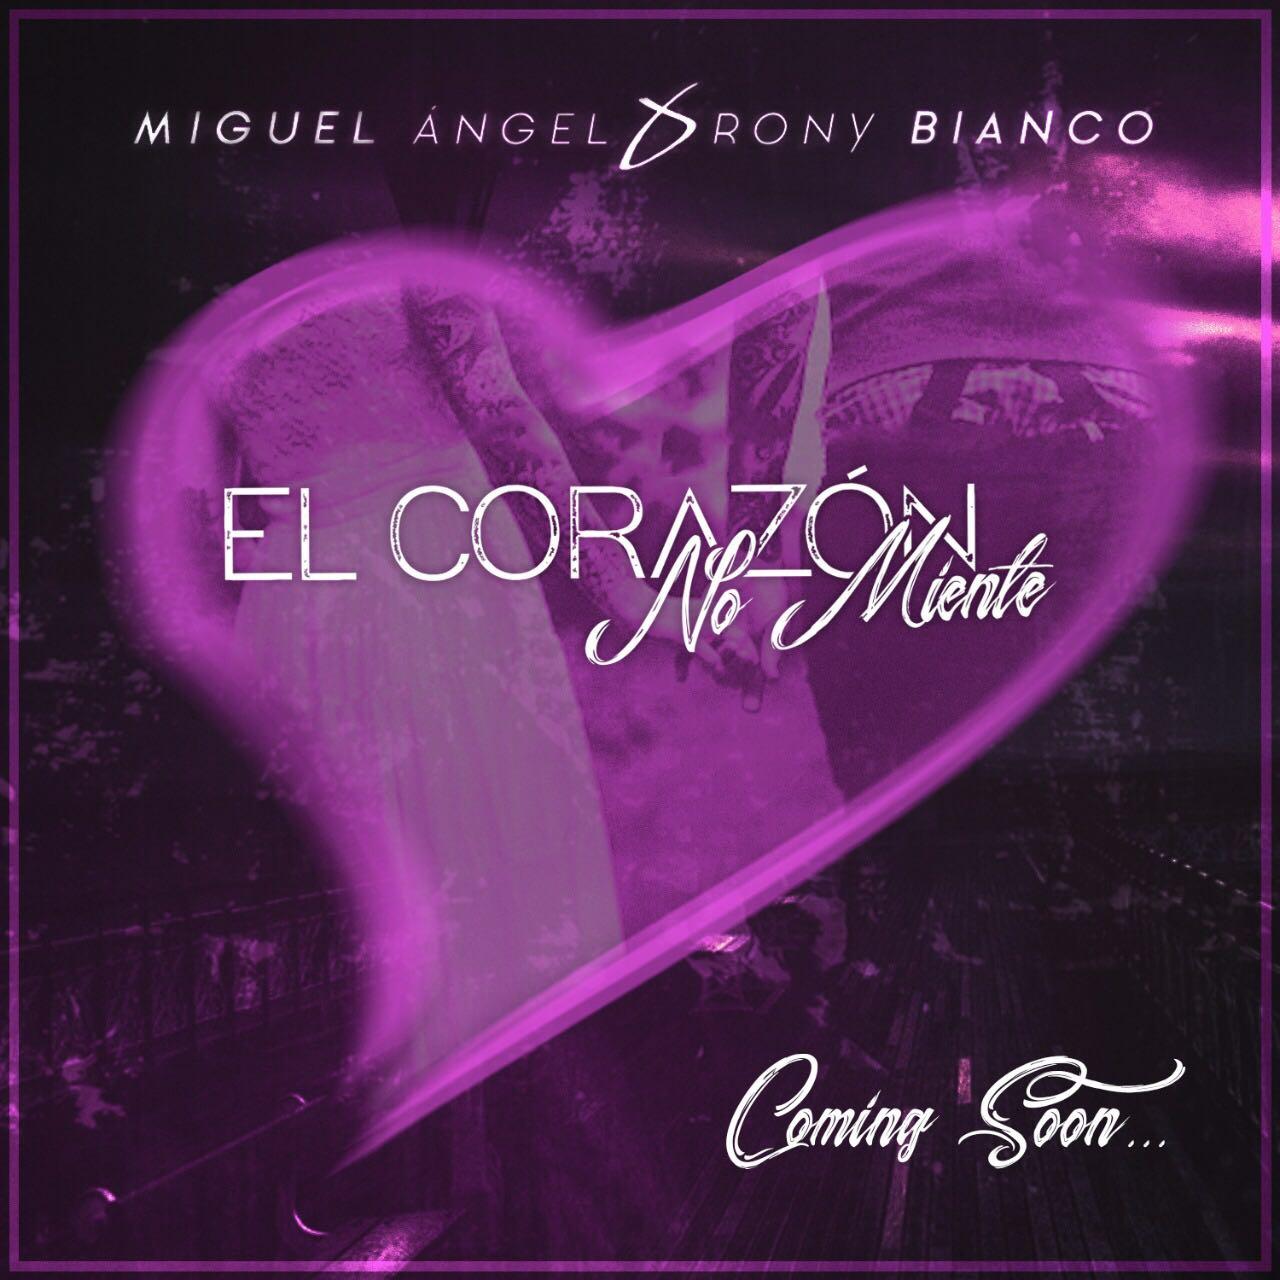 Miguel Angel Ft Rony Bianco - El Corazon No Miente